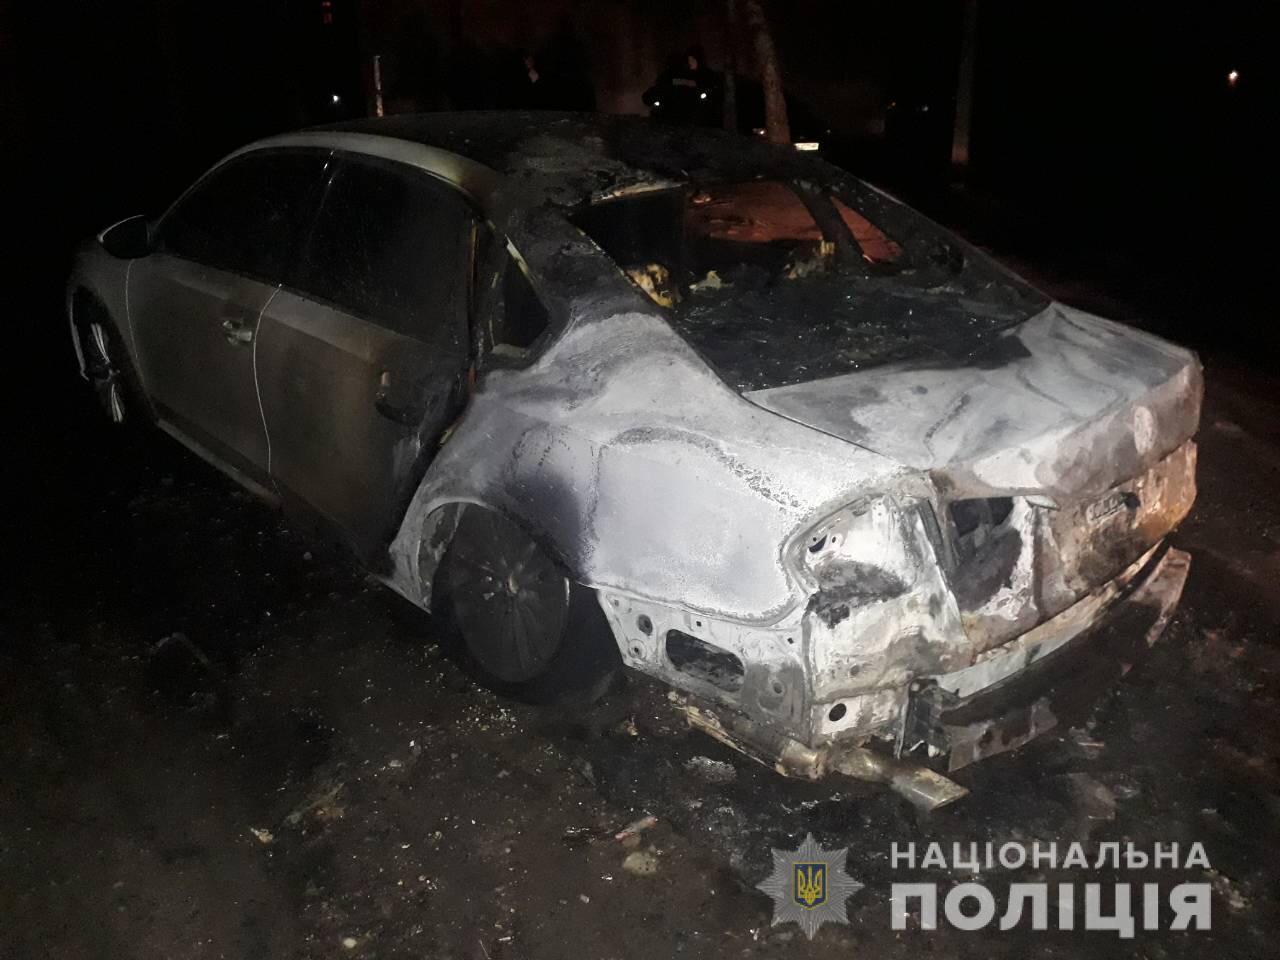 В Харькове сожгли автомобиль общественного активиста (фото)